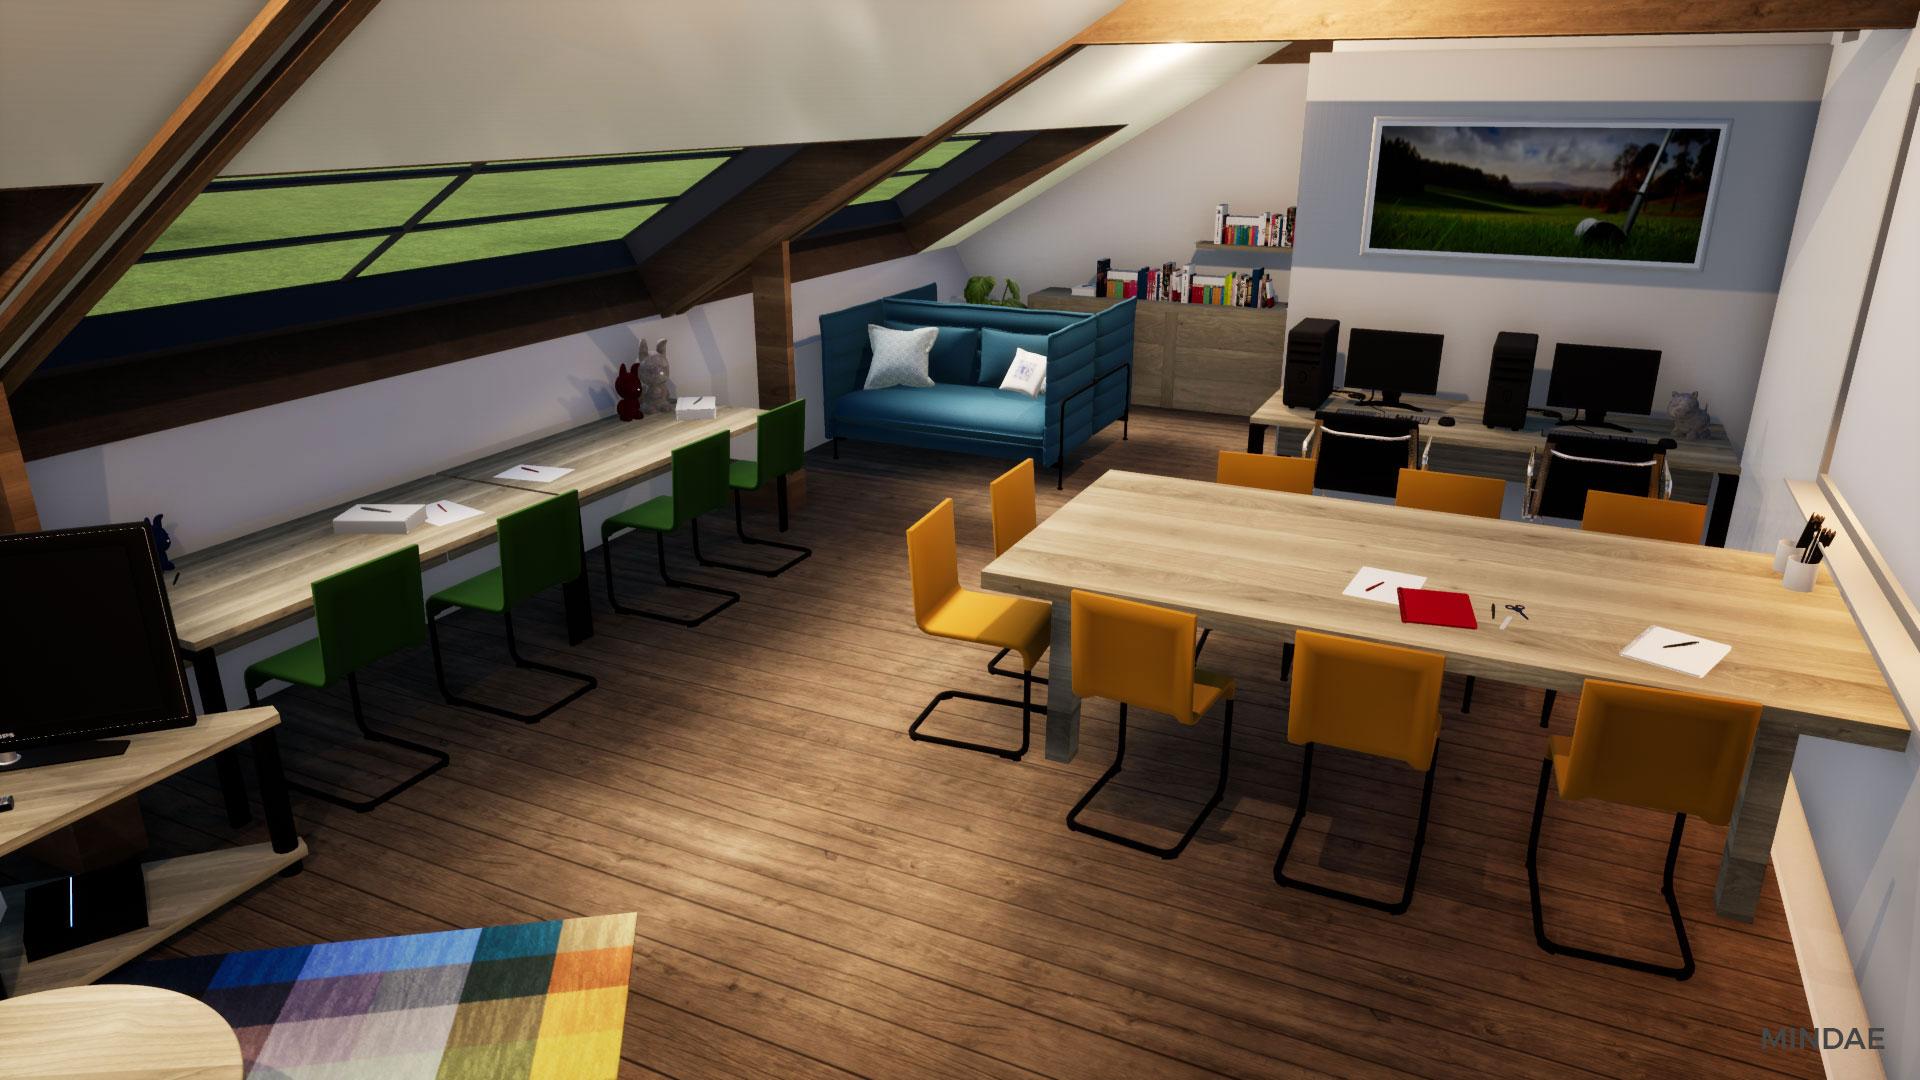 Mindae_3D_golf_caen_bluegreen_étage_projet_garderie-(3)